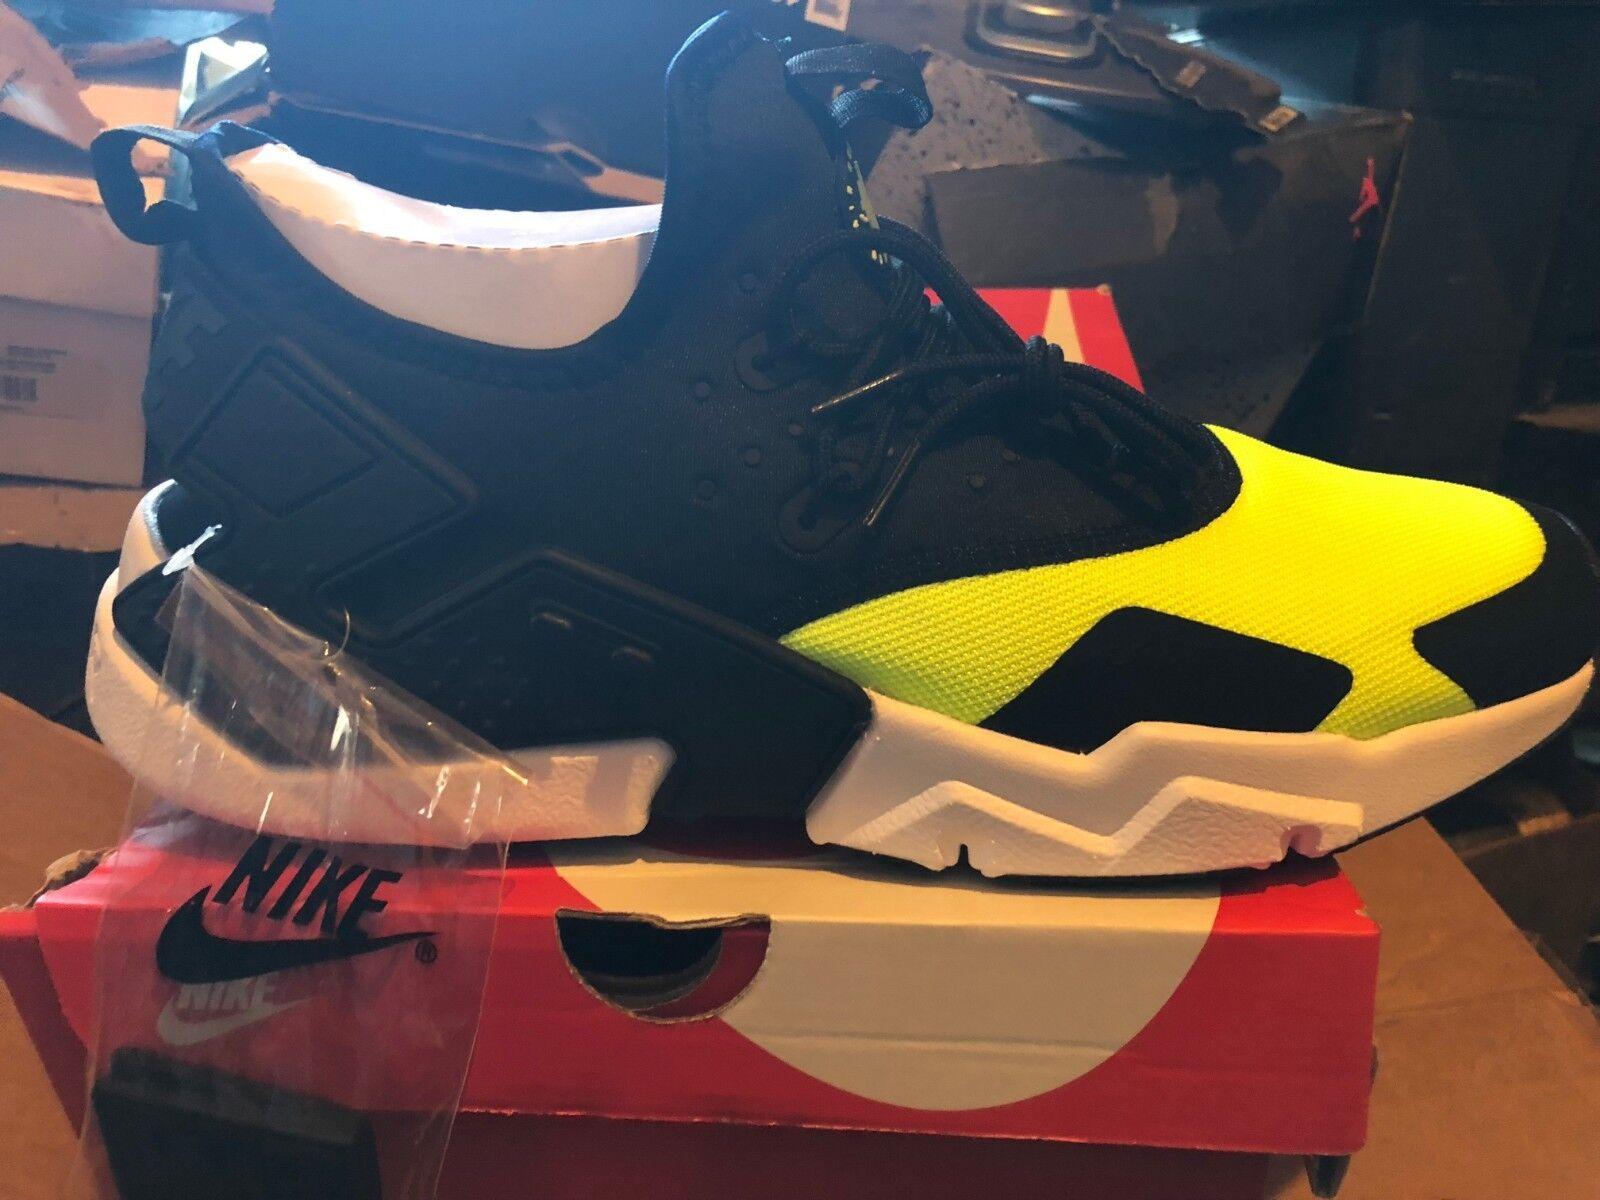 Nike air huarache huarache huarache treiben bnib blk / volt / Weiß 12 ah7334 700 7be89b